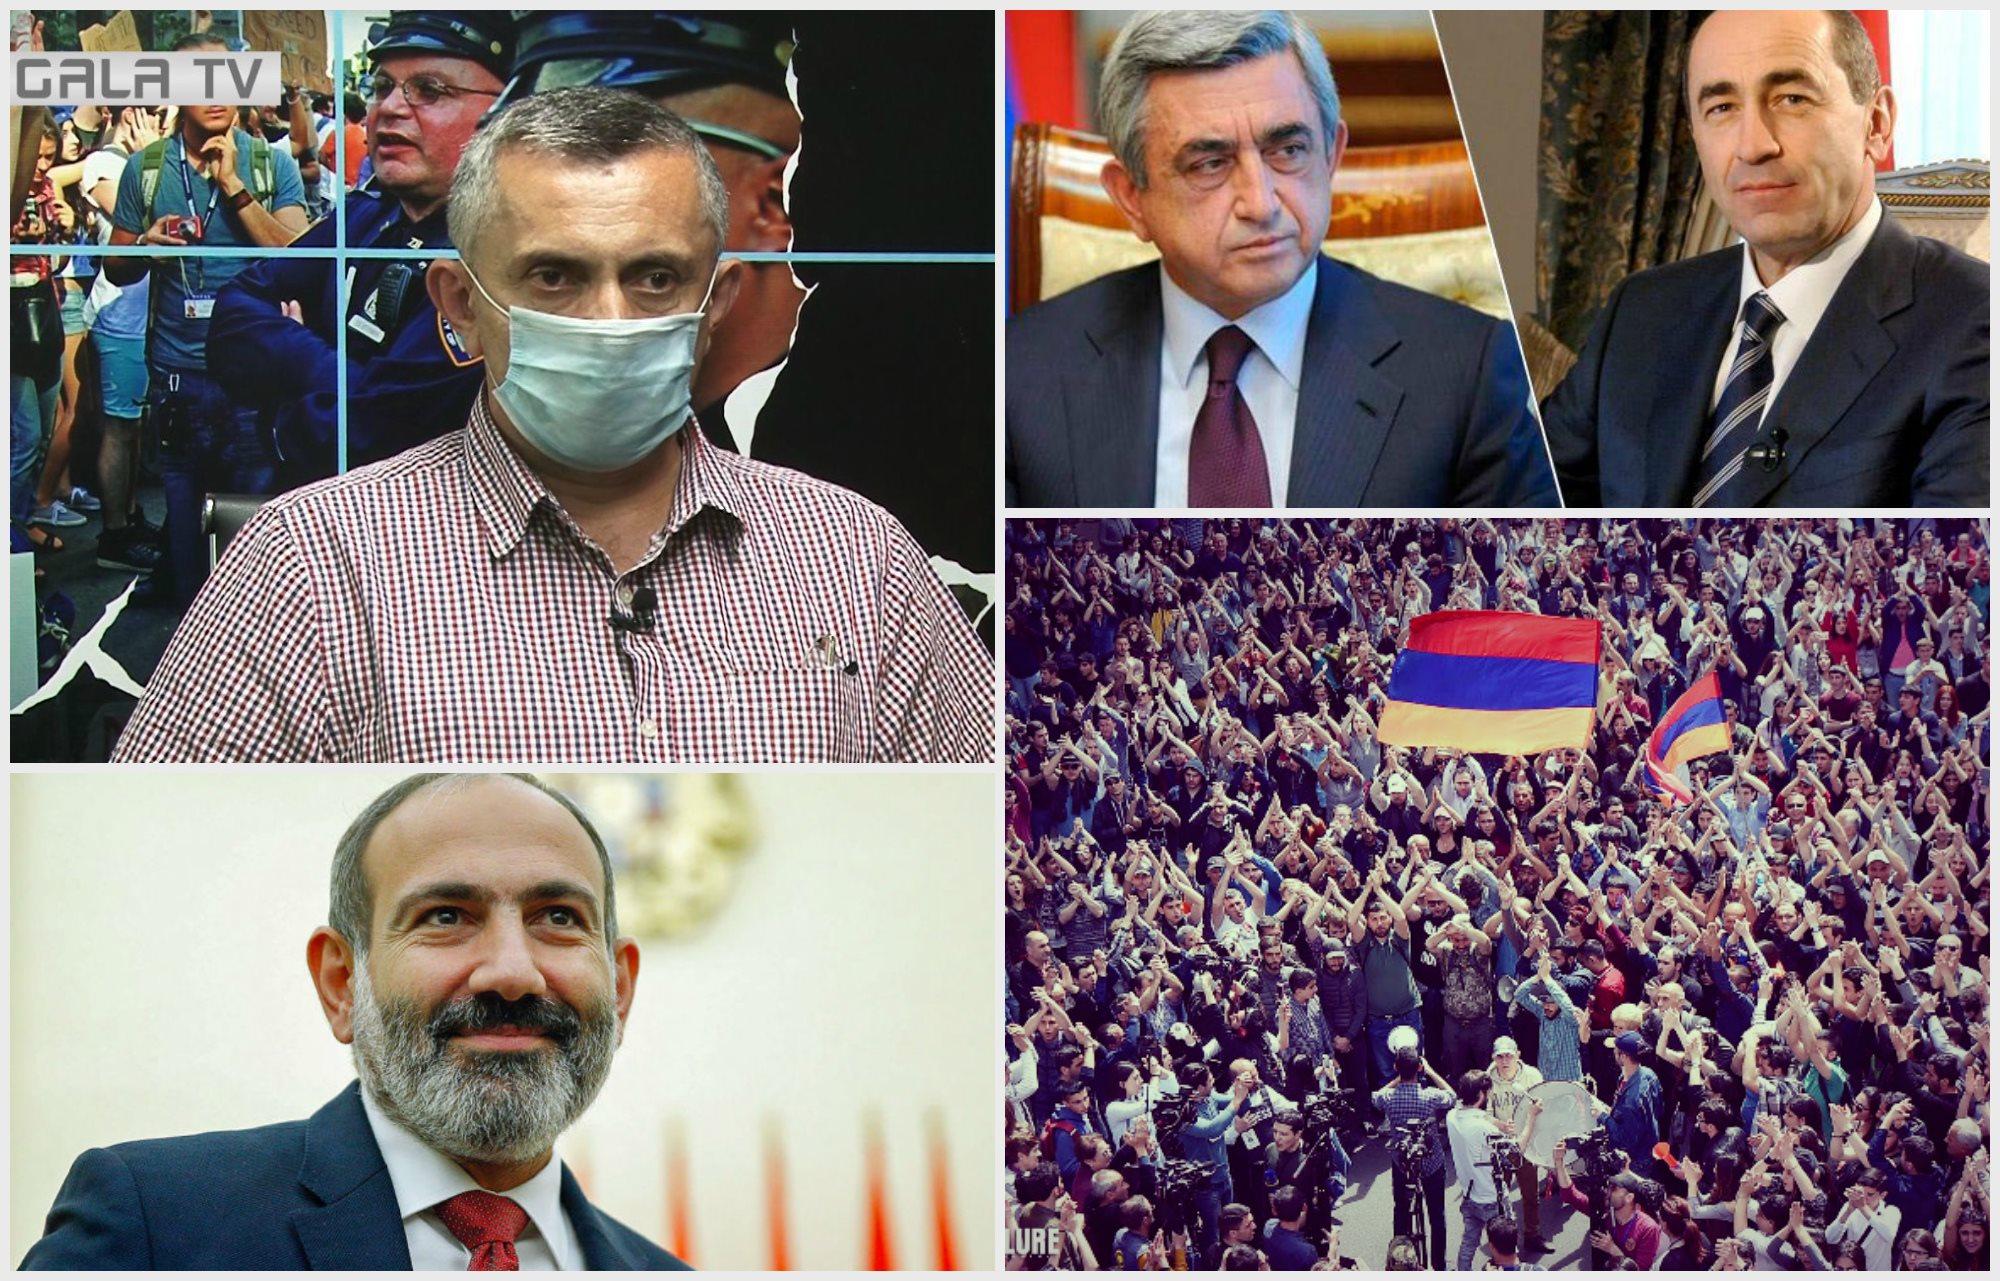 Photo of Ռոբերտ Քոչարյանը պետք է դատվեր իշխանությունը յուրացնելու համար, և նրա կողքին պետք է նստած լիներ Սերժ Սարգսյանը. Արմեն Աղայան